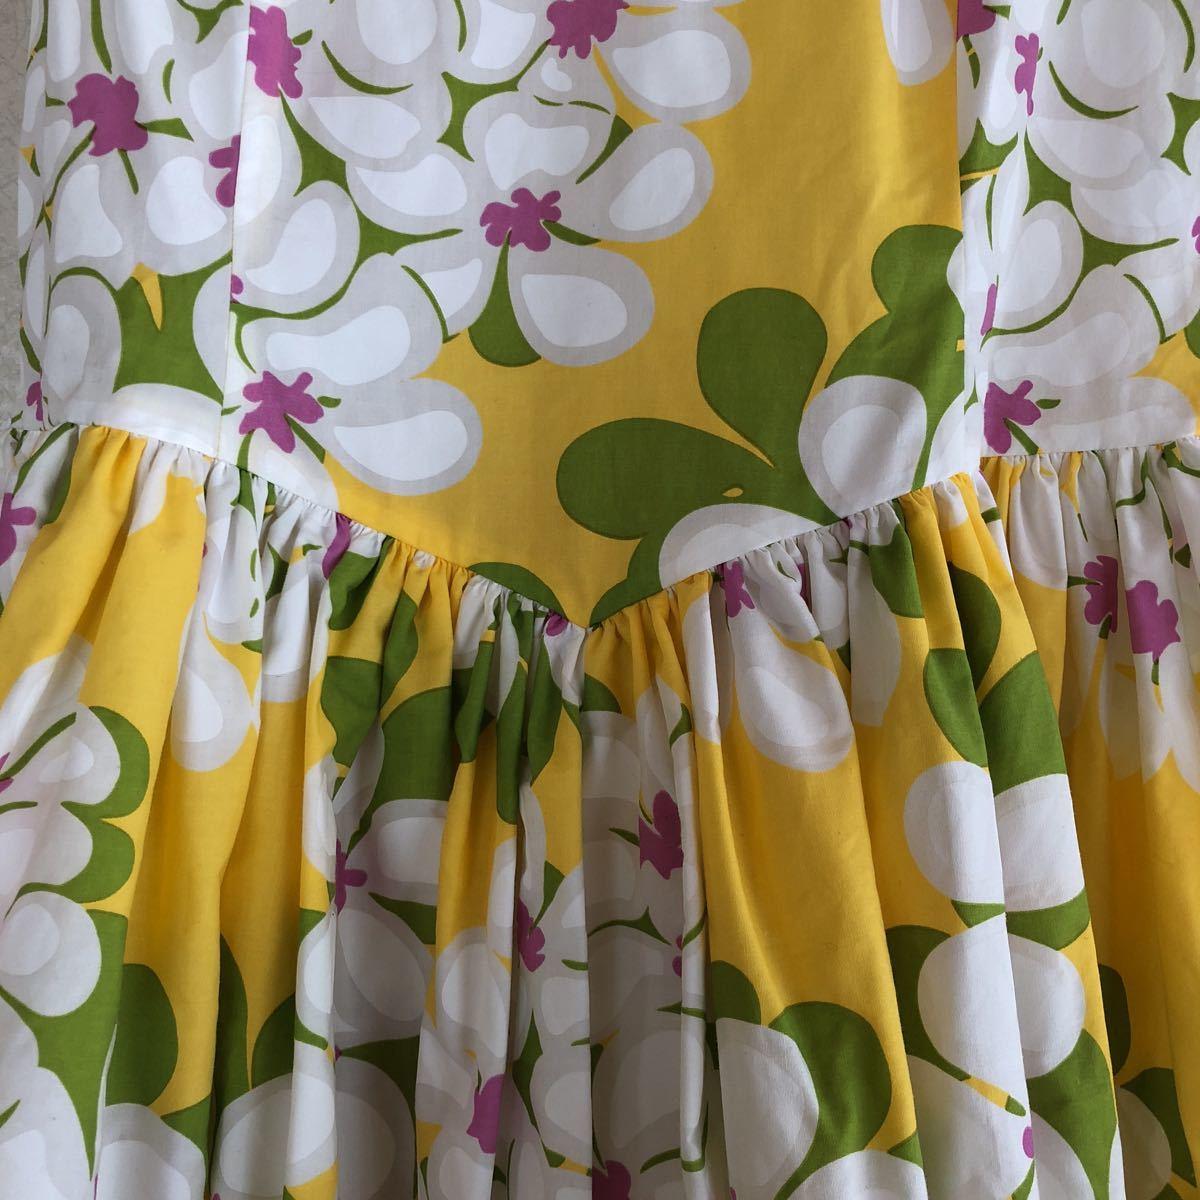 メネフネプランテーション フラダンス フラ ハワイアン ワンピース ドレス 黄色 プルメリア アロハ_画像3